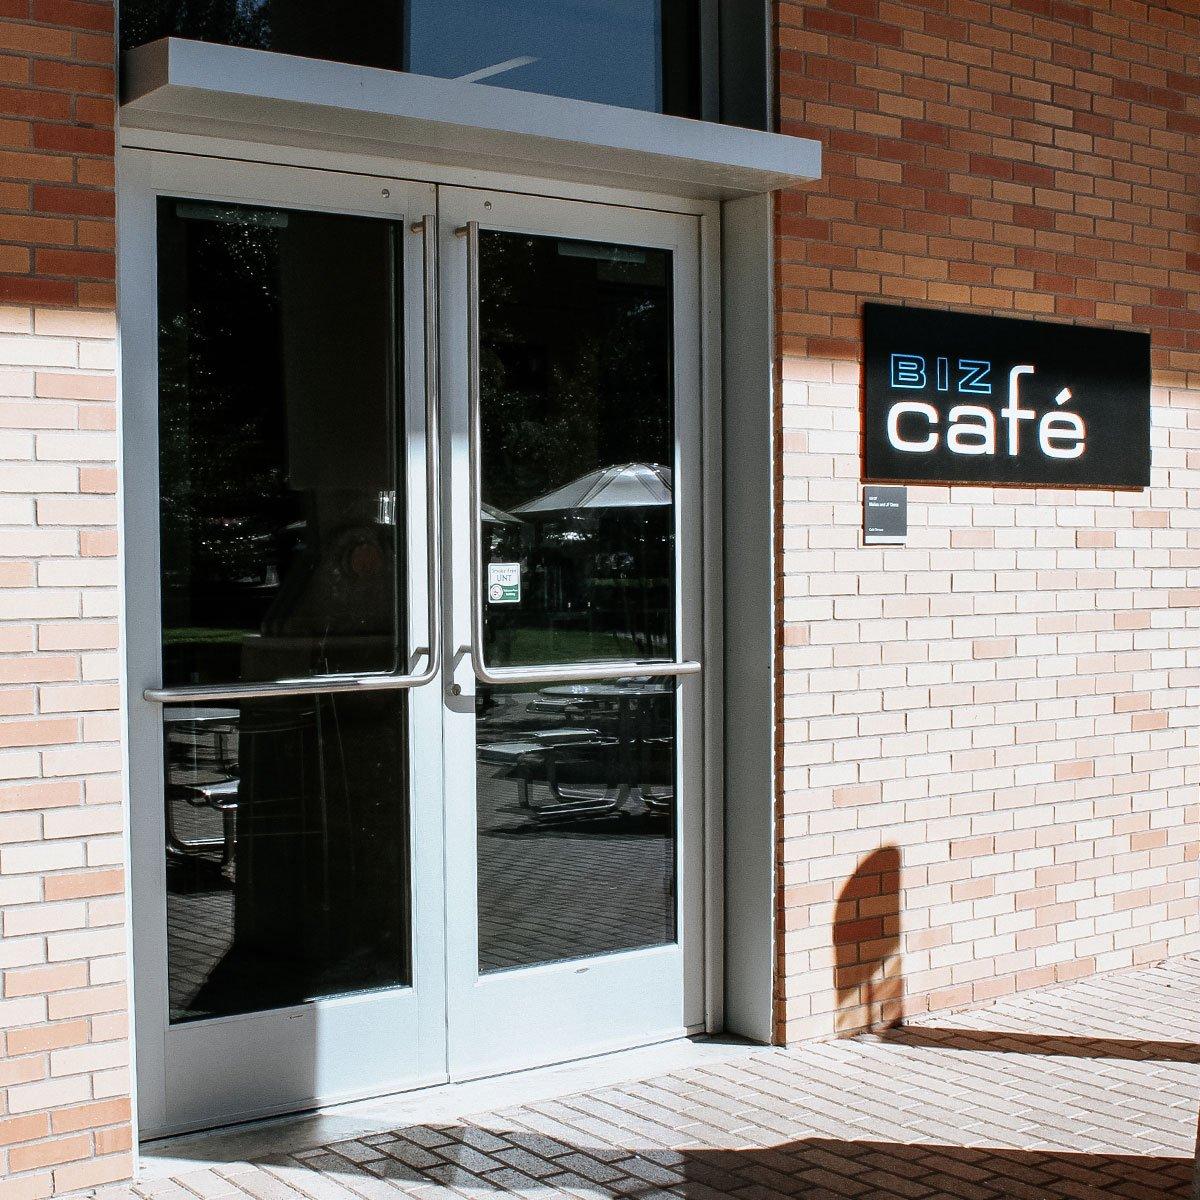 Biz Cafe entrance at the BLB